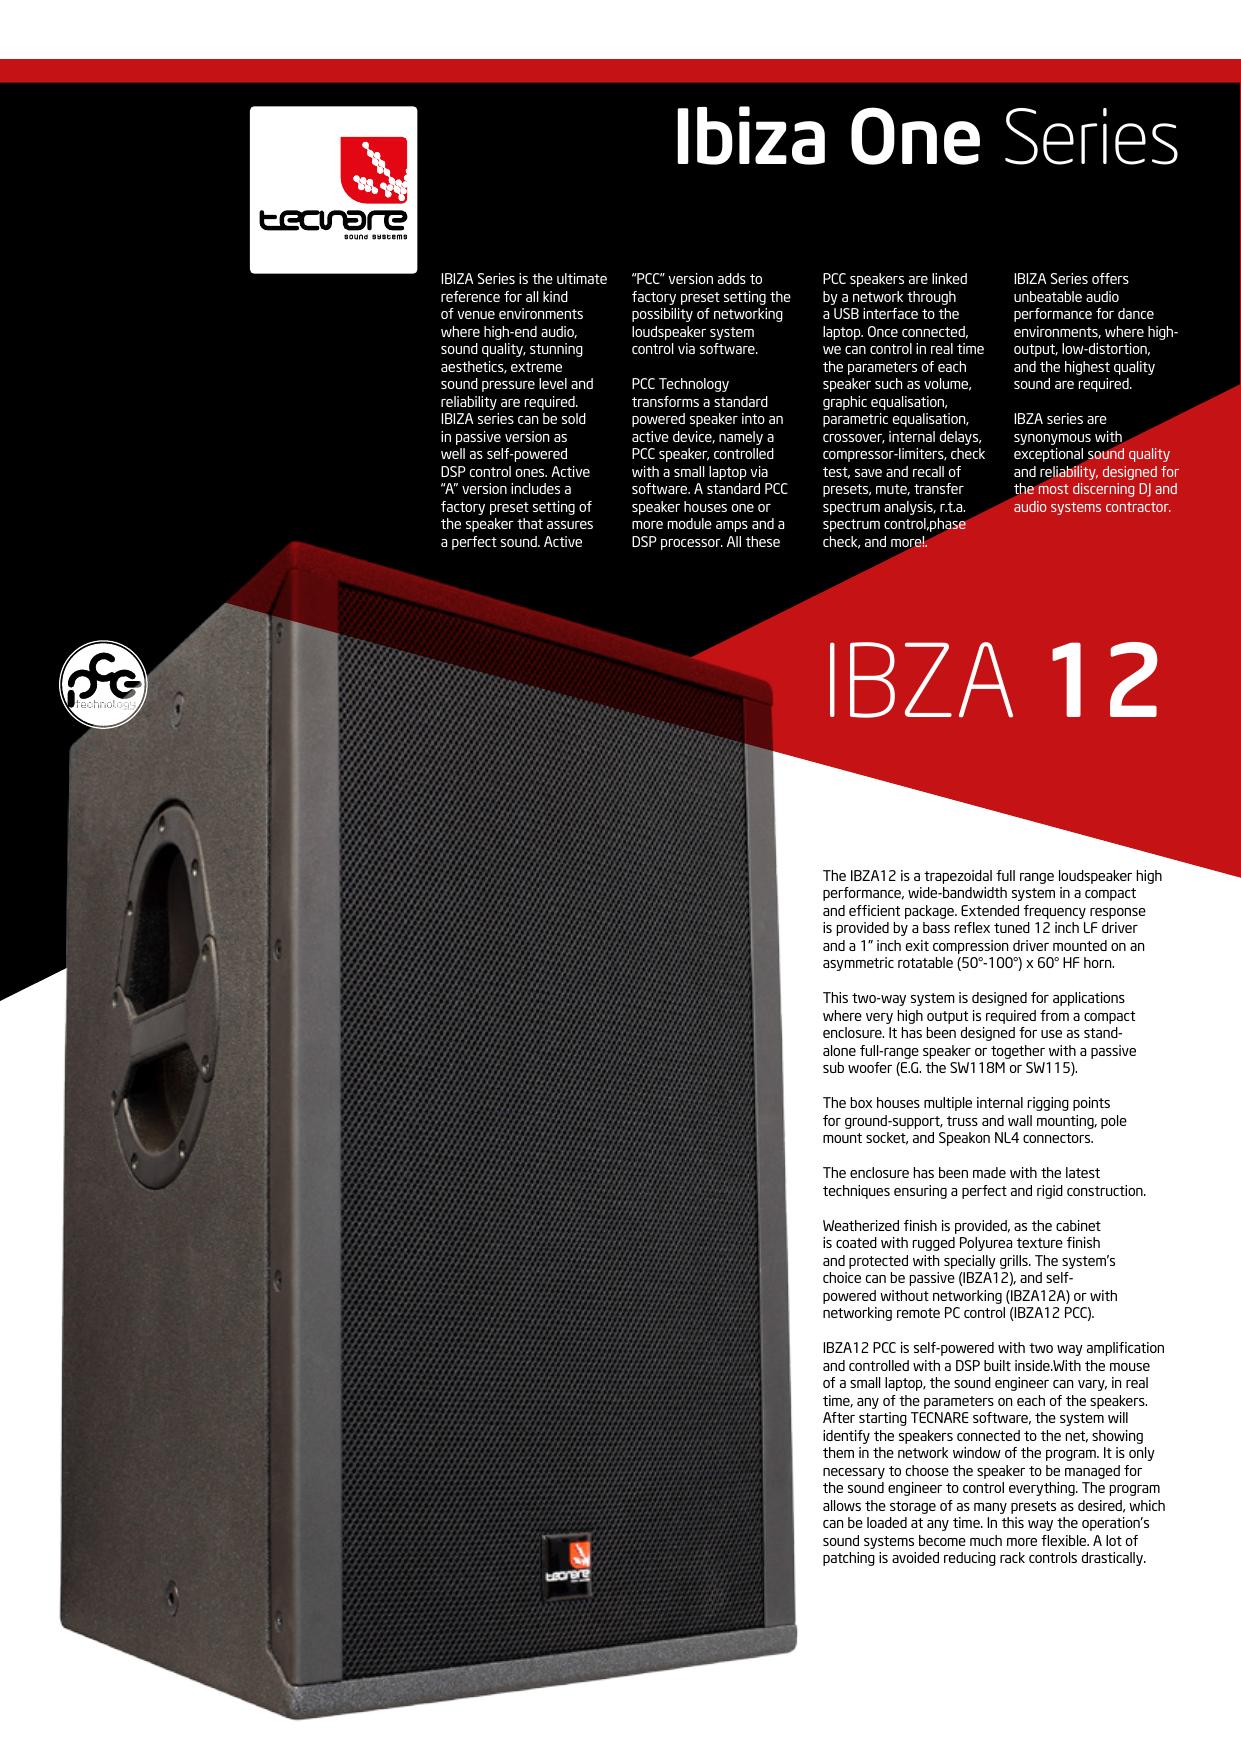 IBZA 12 | manualzz com